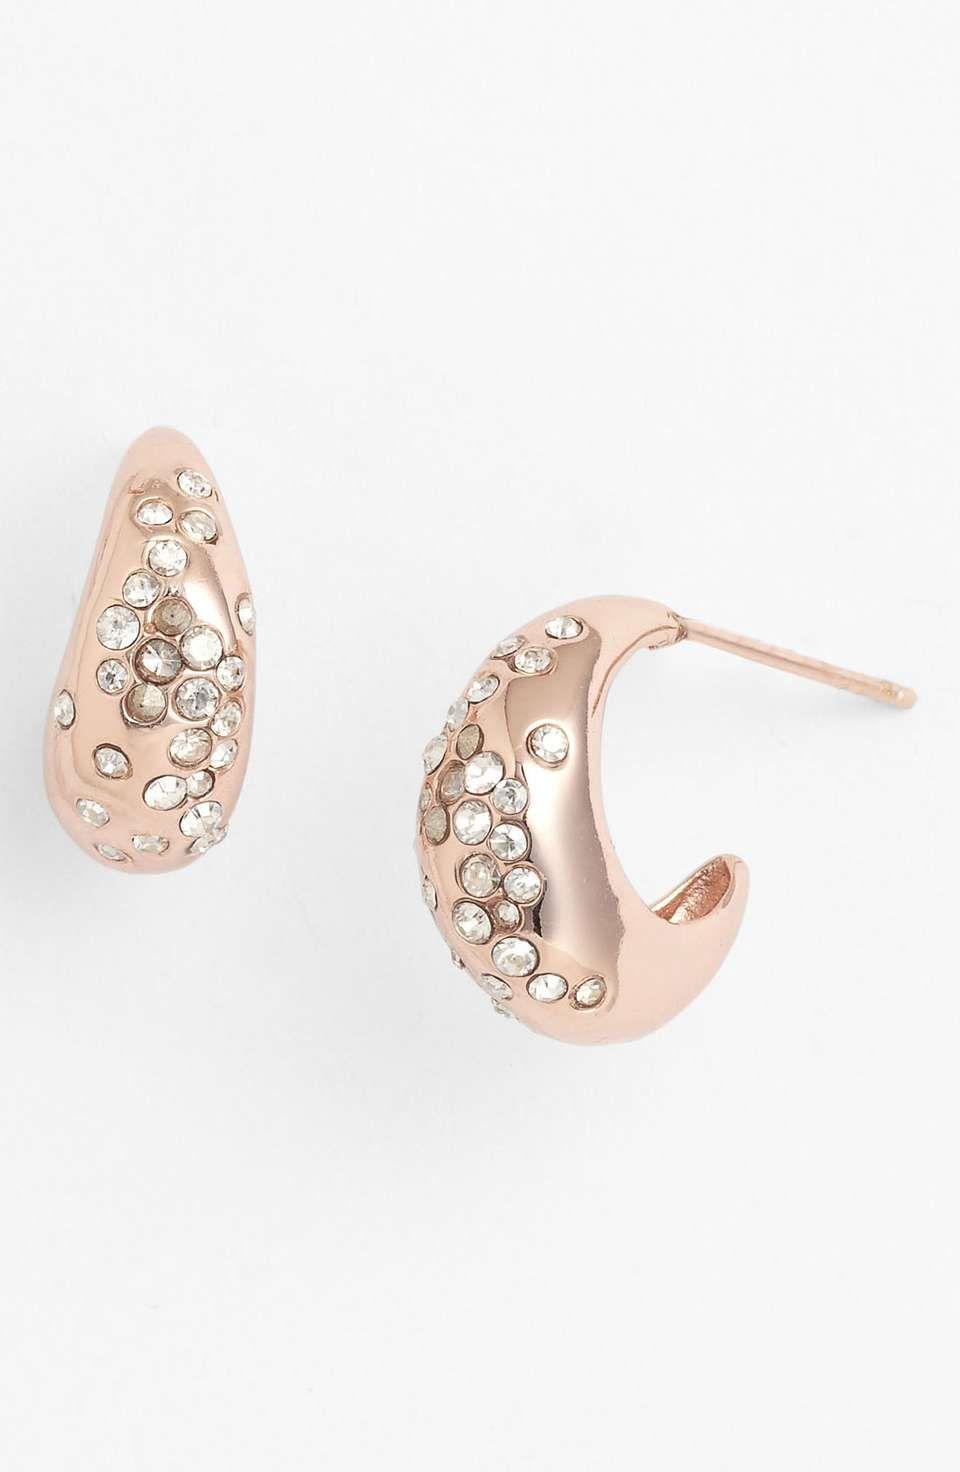 Alexis Bittar 'Miss Havisham' Small Hoop Earrings Hoop